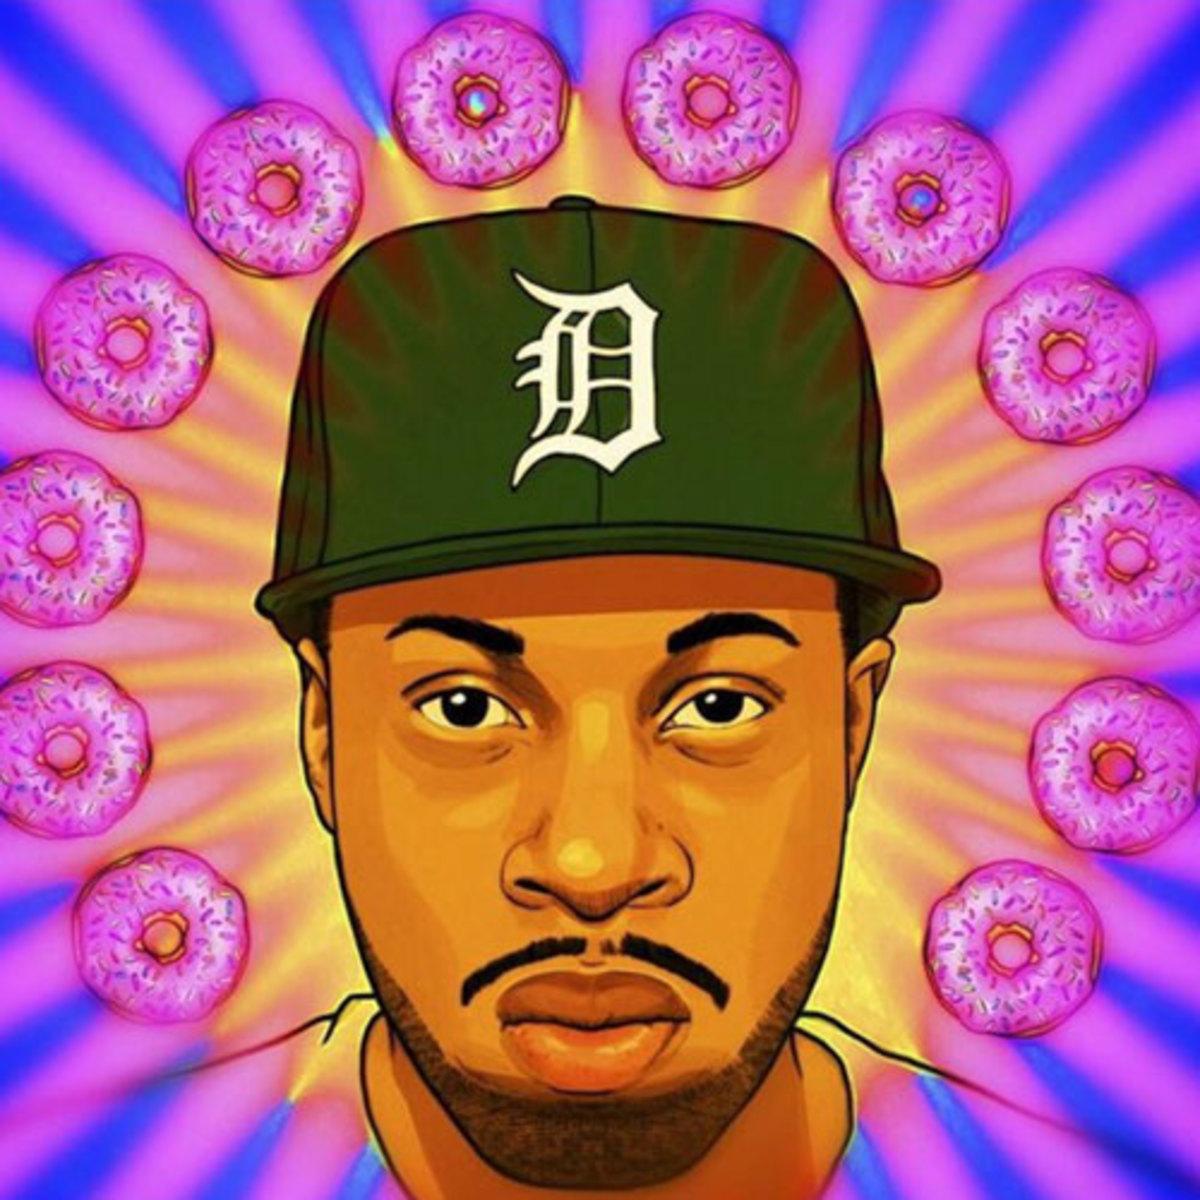 dilla-donuts-annyversary.jpg